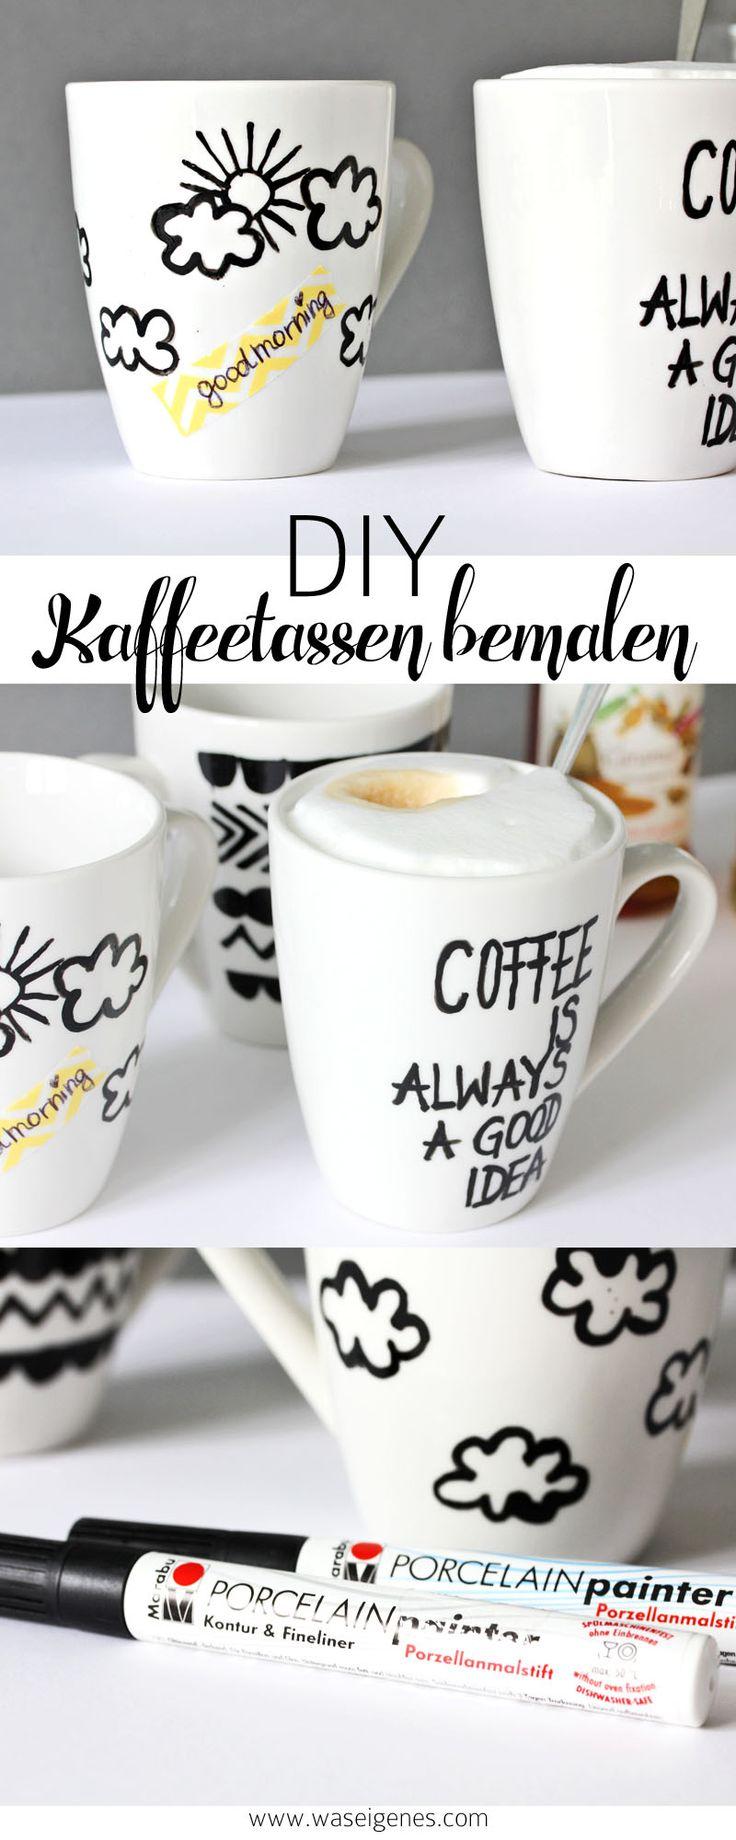 Kaffeetassen bemalen & beschriften mit Porcellain Painter | Coffee is always a good idea